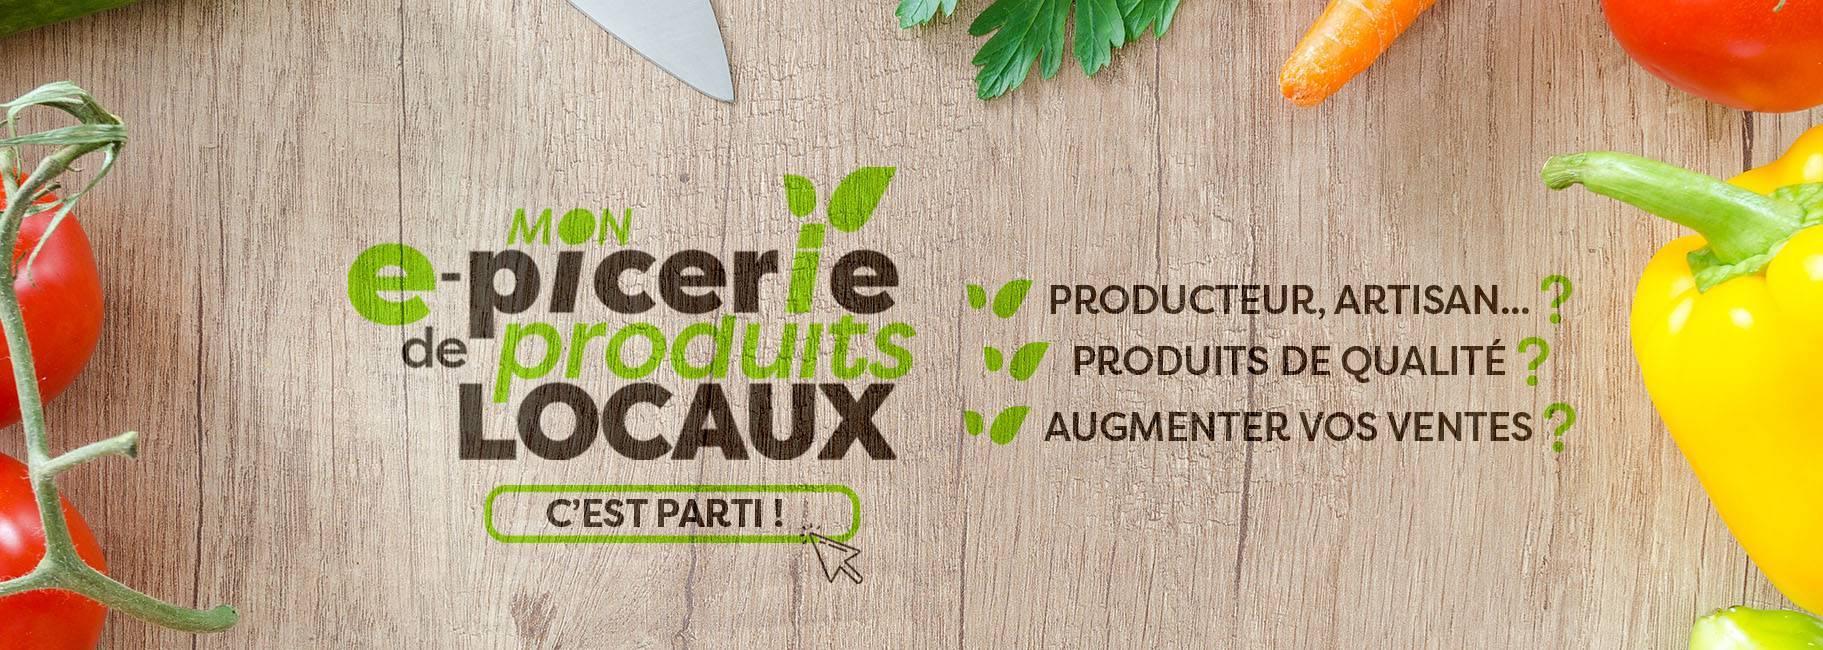 VOTRE e-PICERIE DE PRODUITS LOCAUX